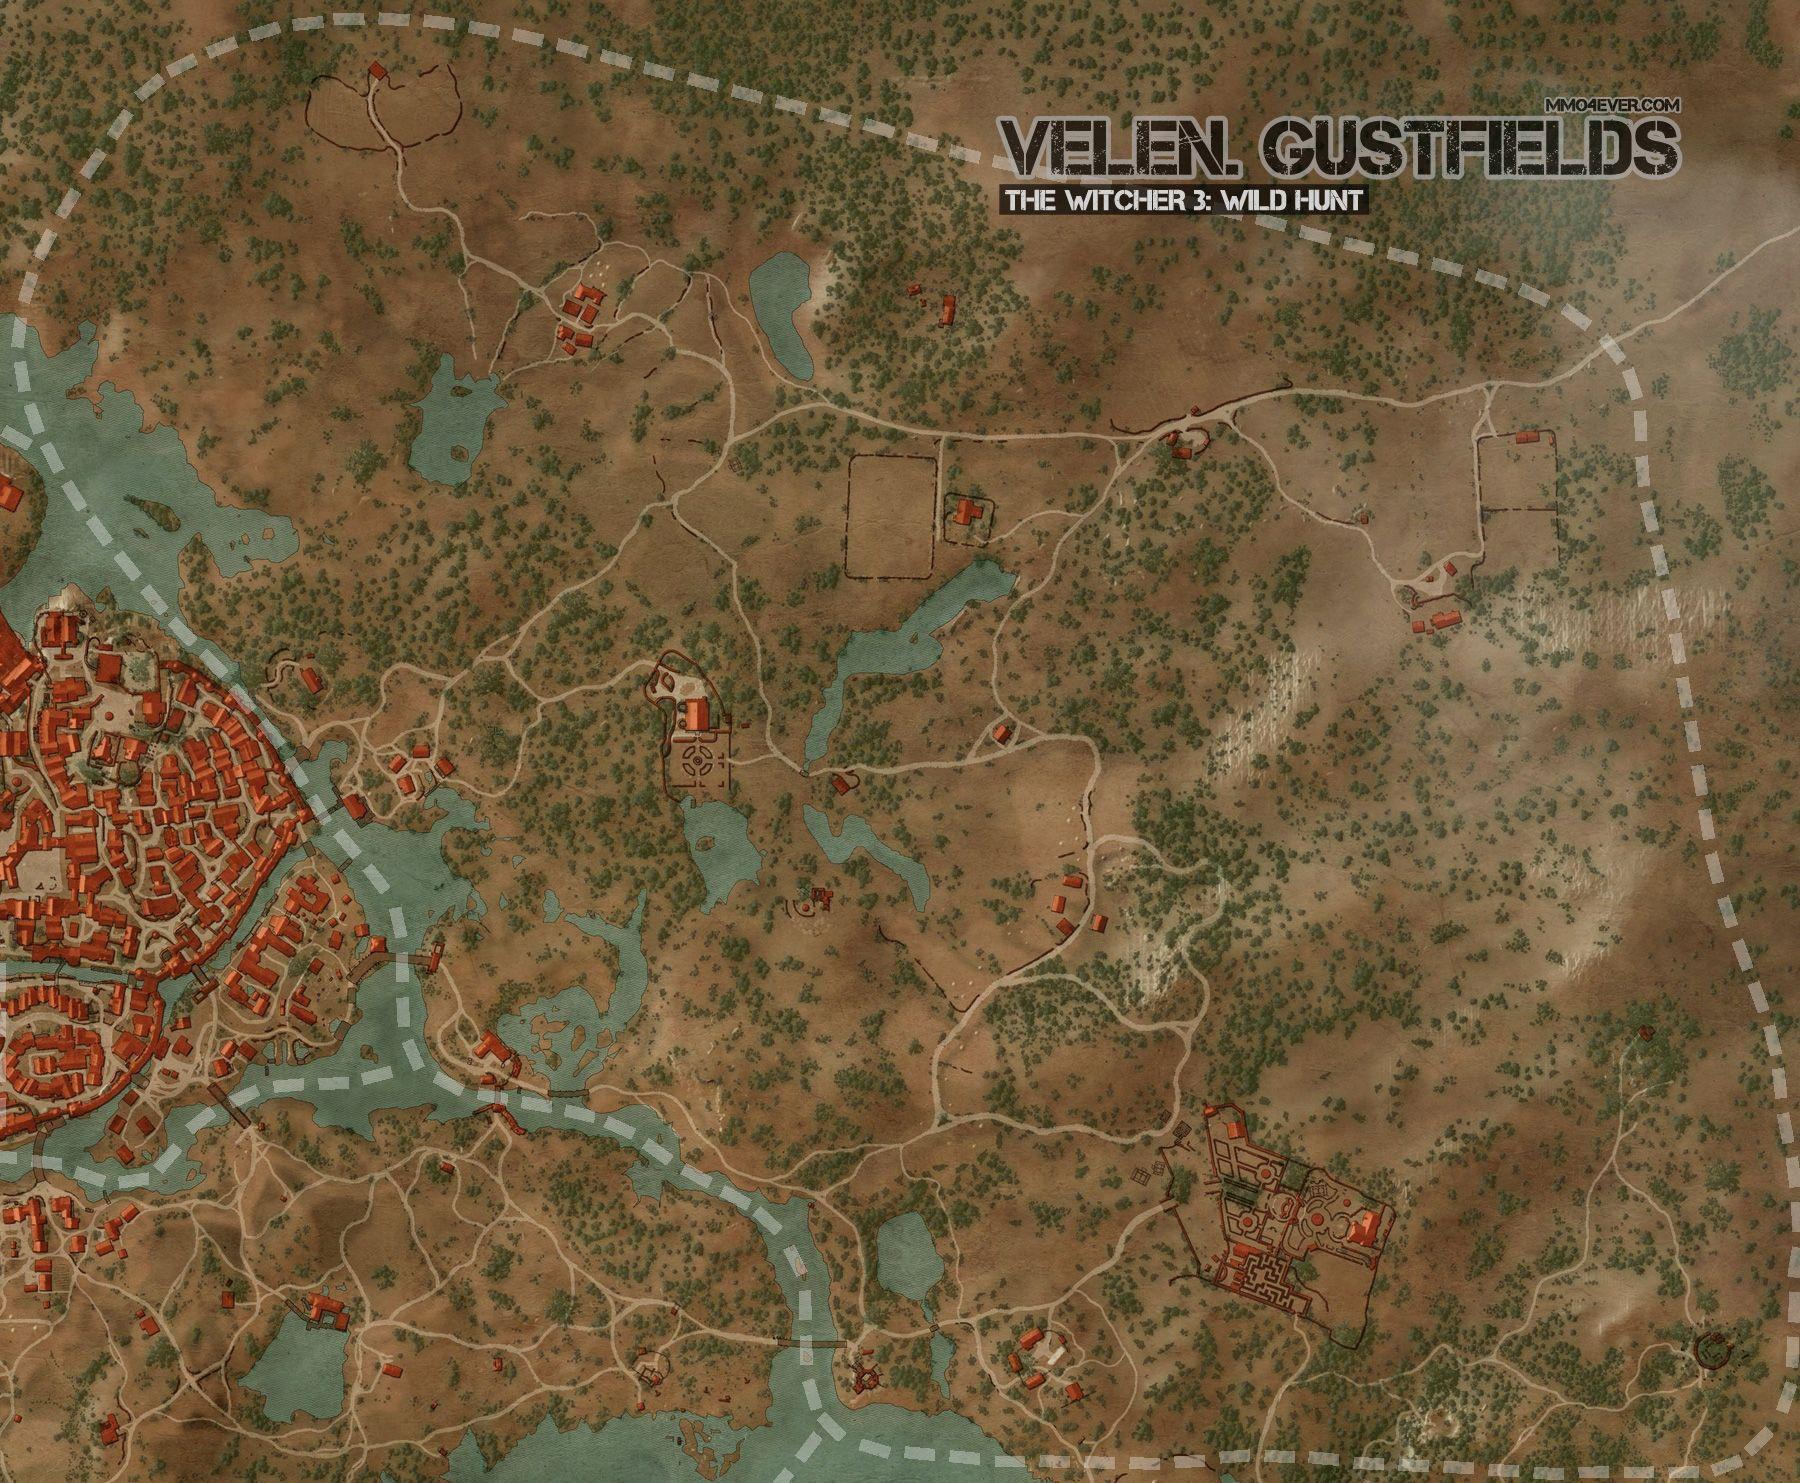 Witcher 3 Velen Karte.Novigrad Gustfields Map The Witcher 3 Wild Hunt Maps